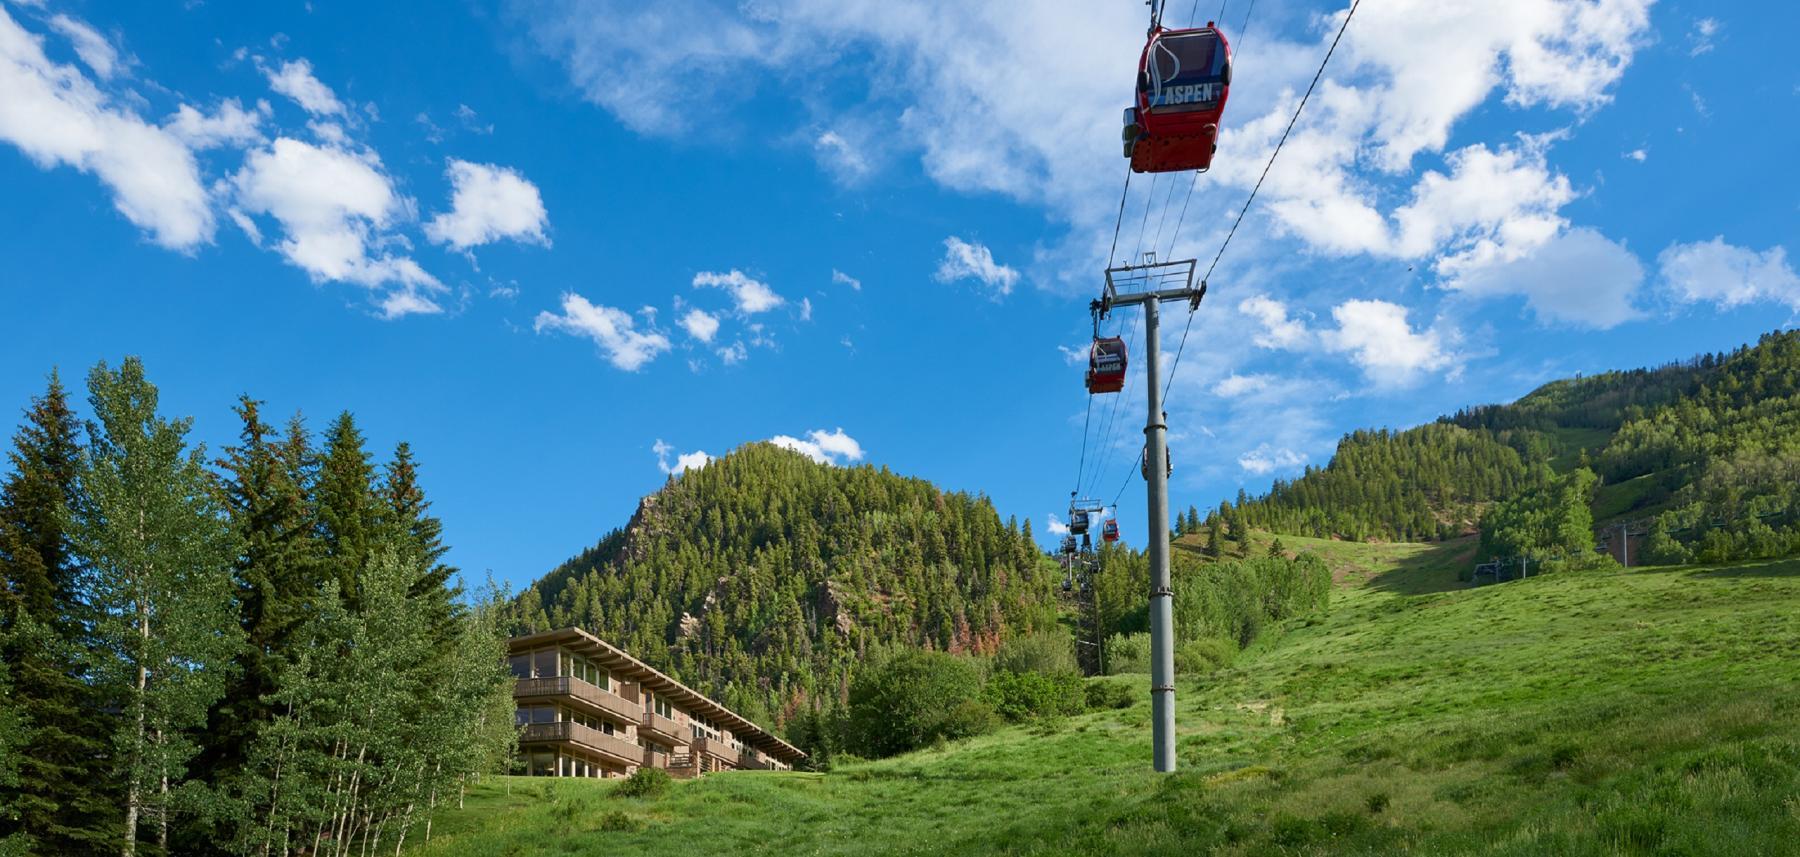 Condo Rentals on Aspen Mountain